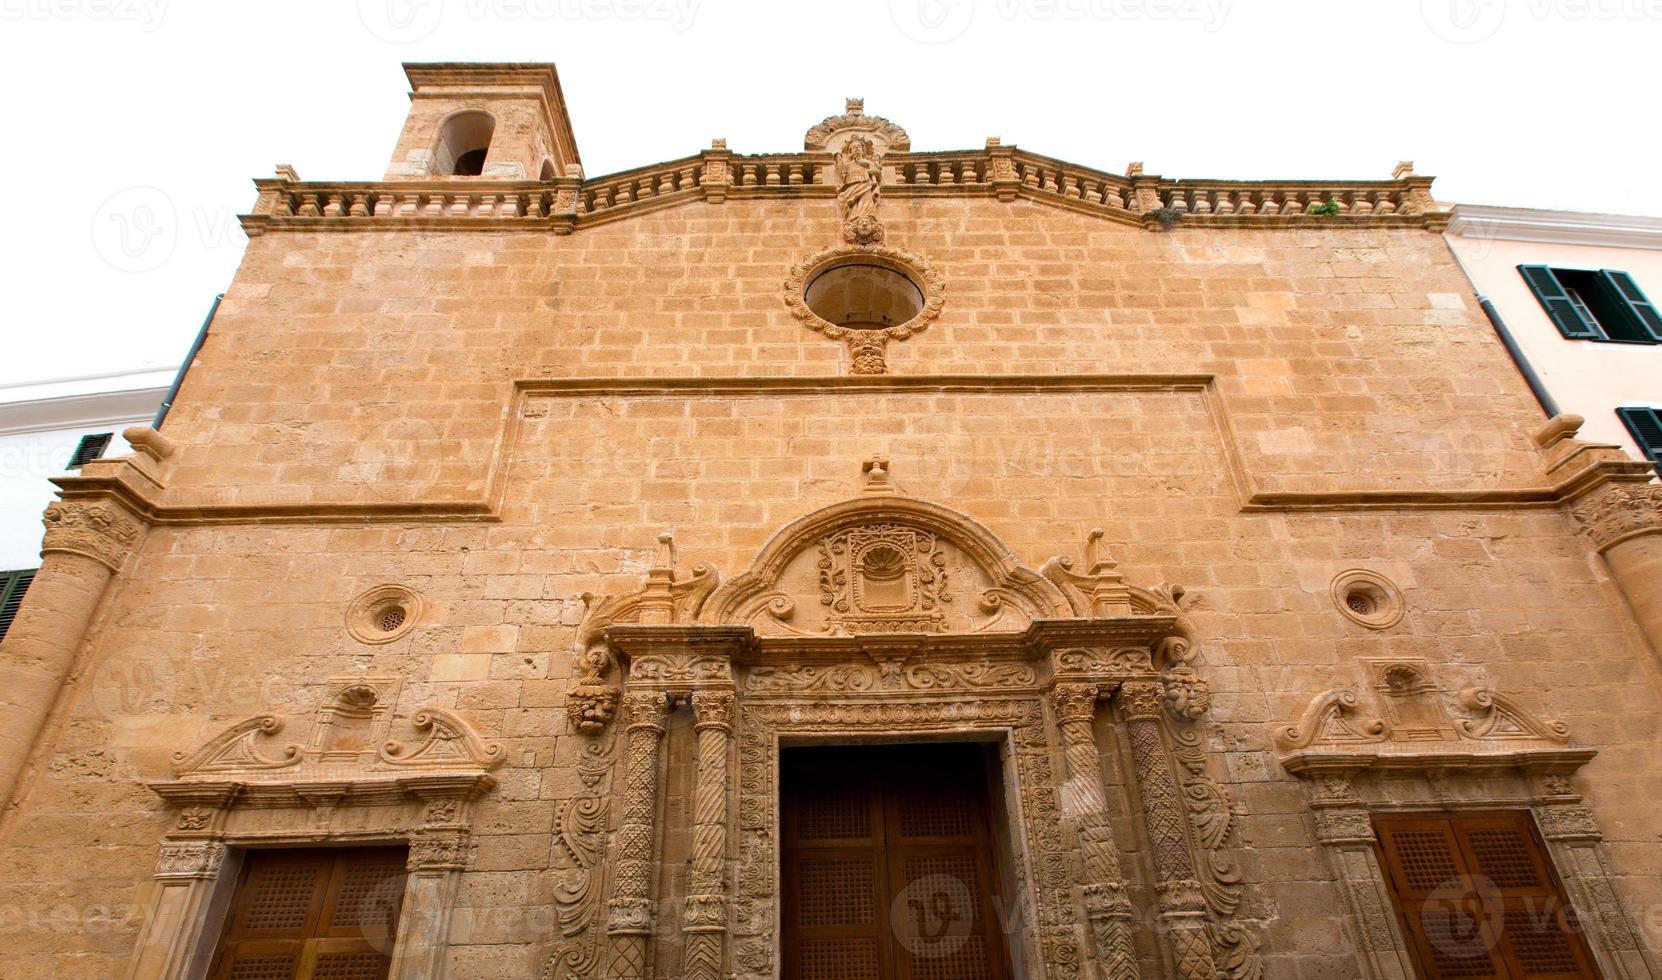 Menorca el roser iglesia en el centro de la ciudad de Baleares foto